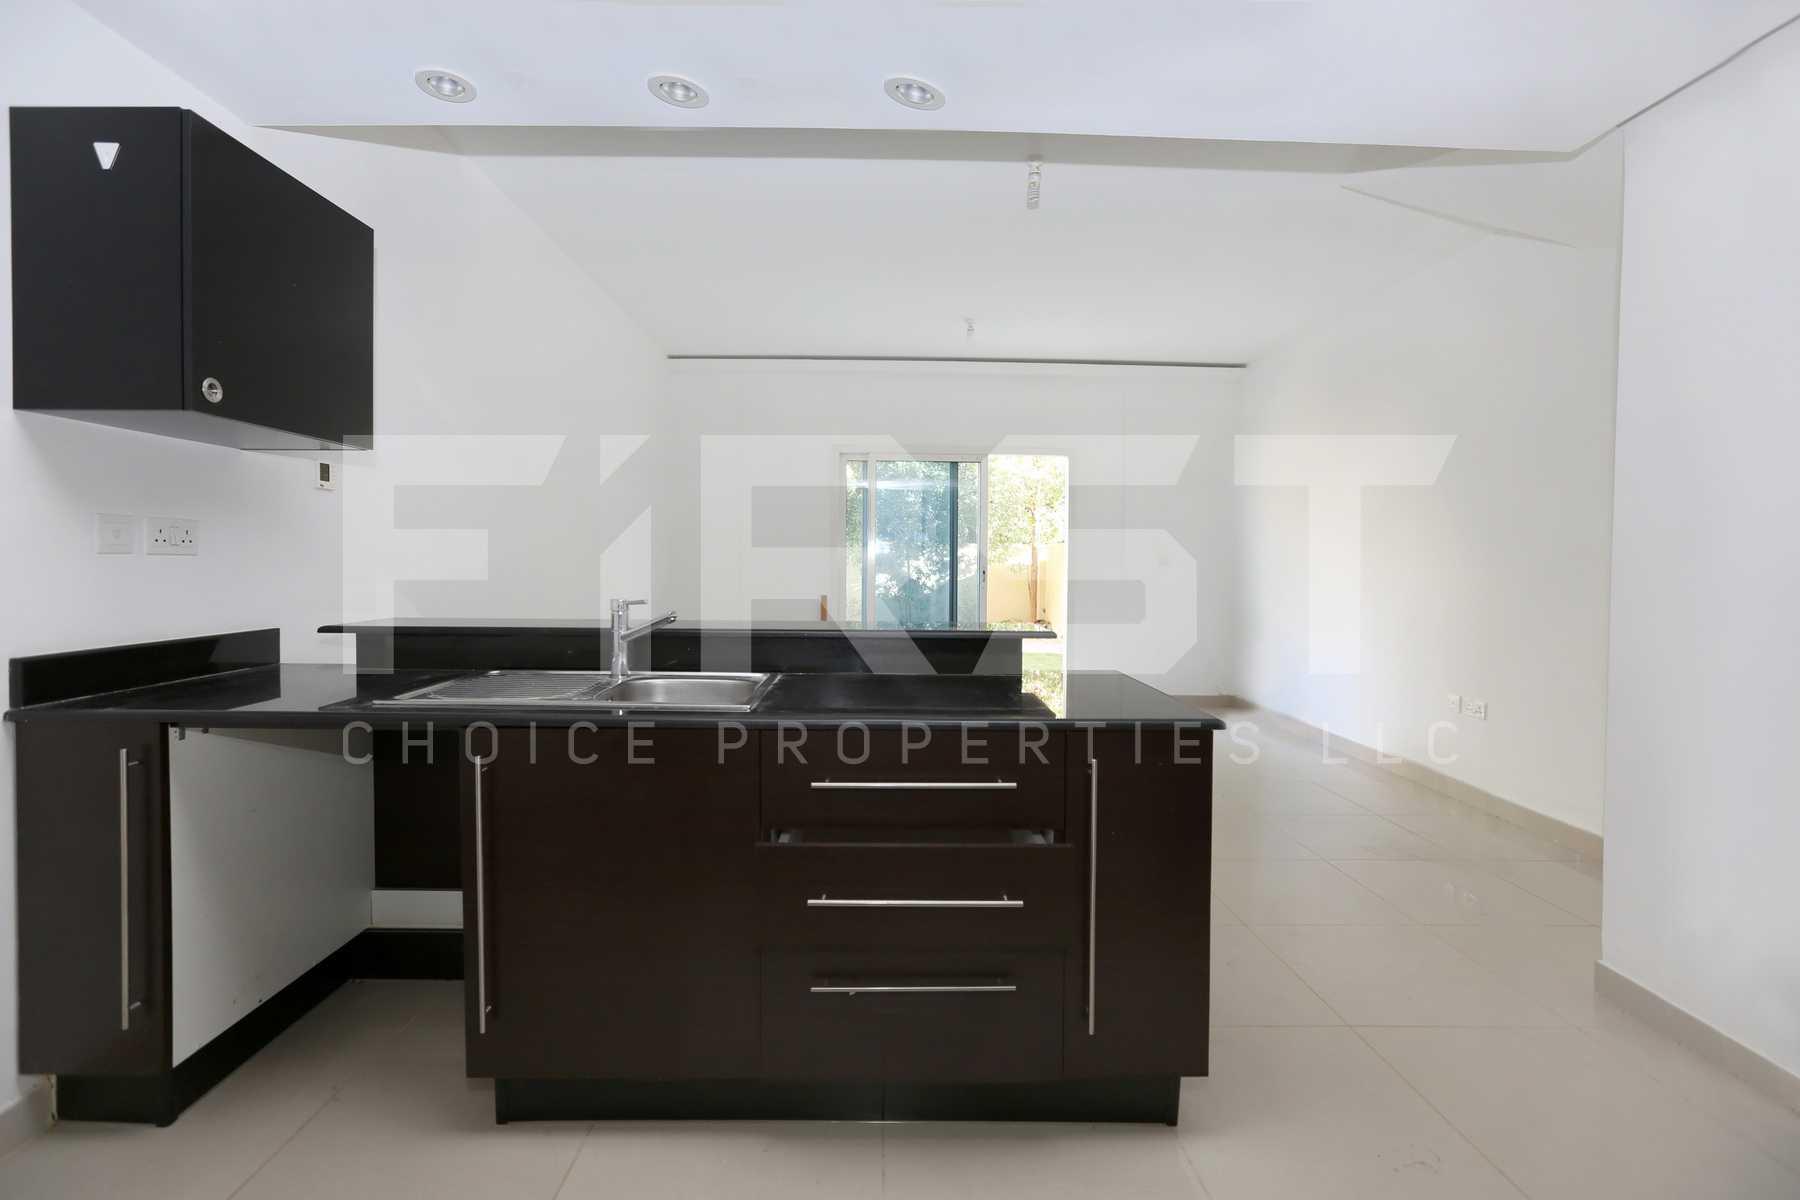 Internal Photo of 2 Bedroom Villa in Al Reef Villas  Al Reef Abu Dhabi UAE 170.2 sq.m 1832 sq.ft (5).jpg